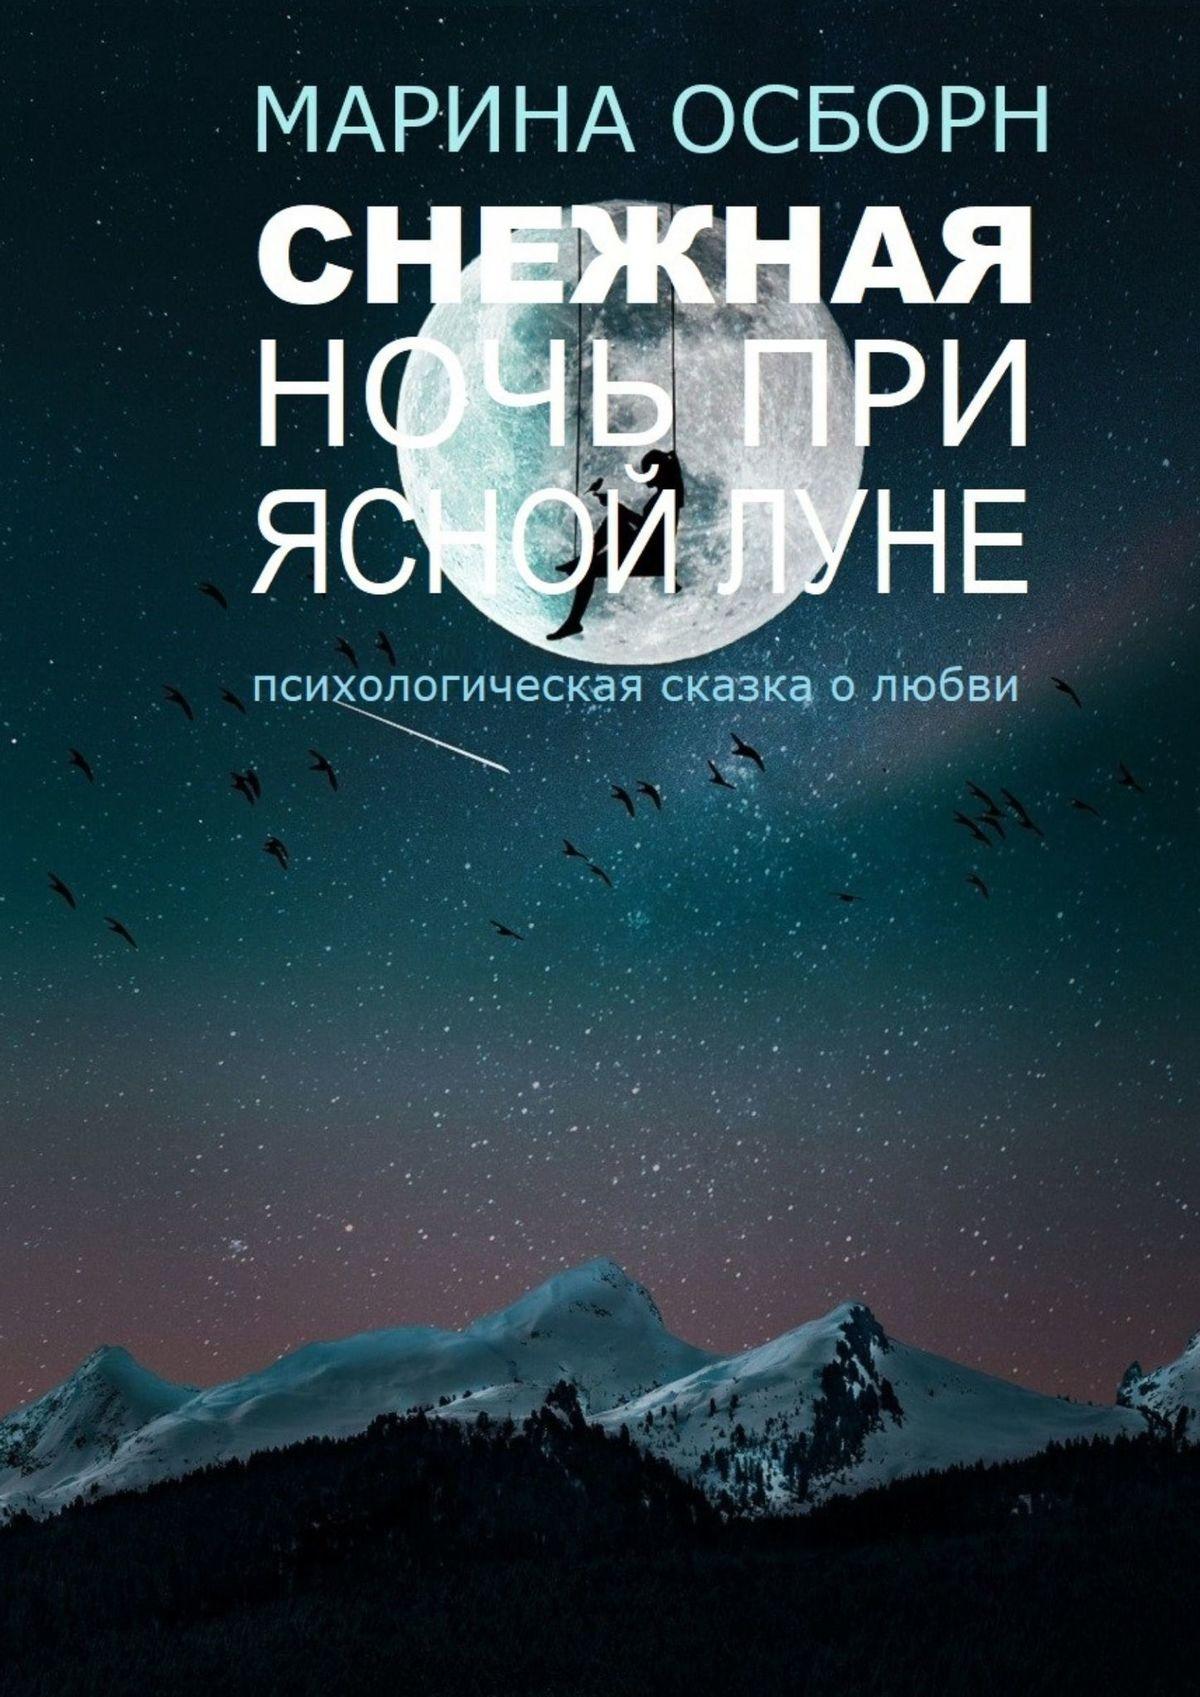 все цены на Марина Осборн Снежная ночь при ясной луне